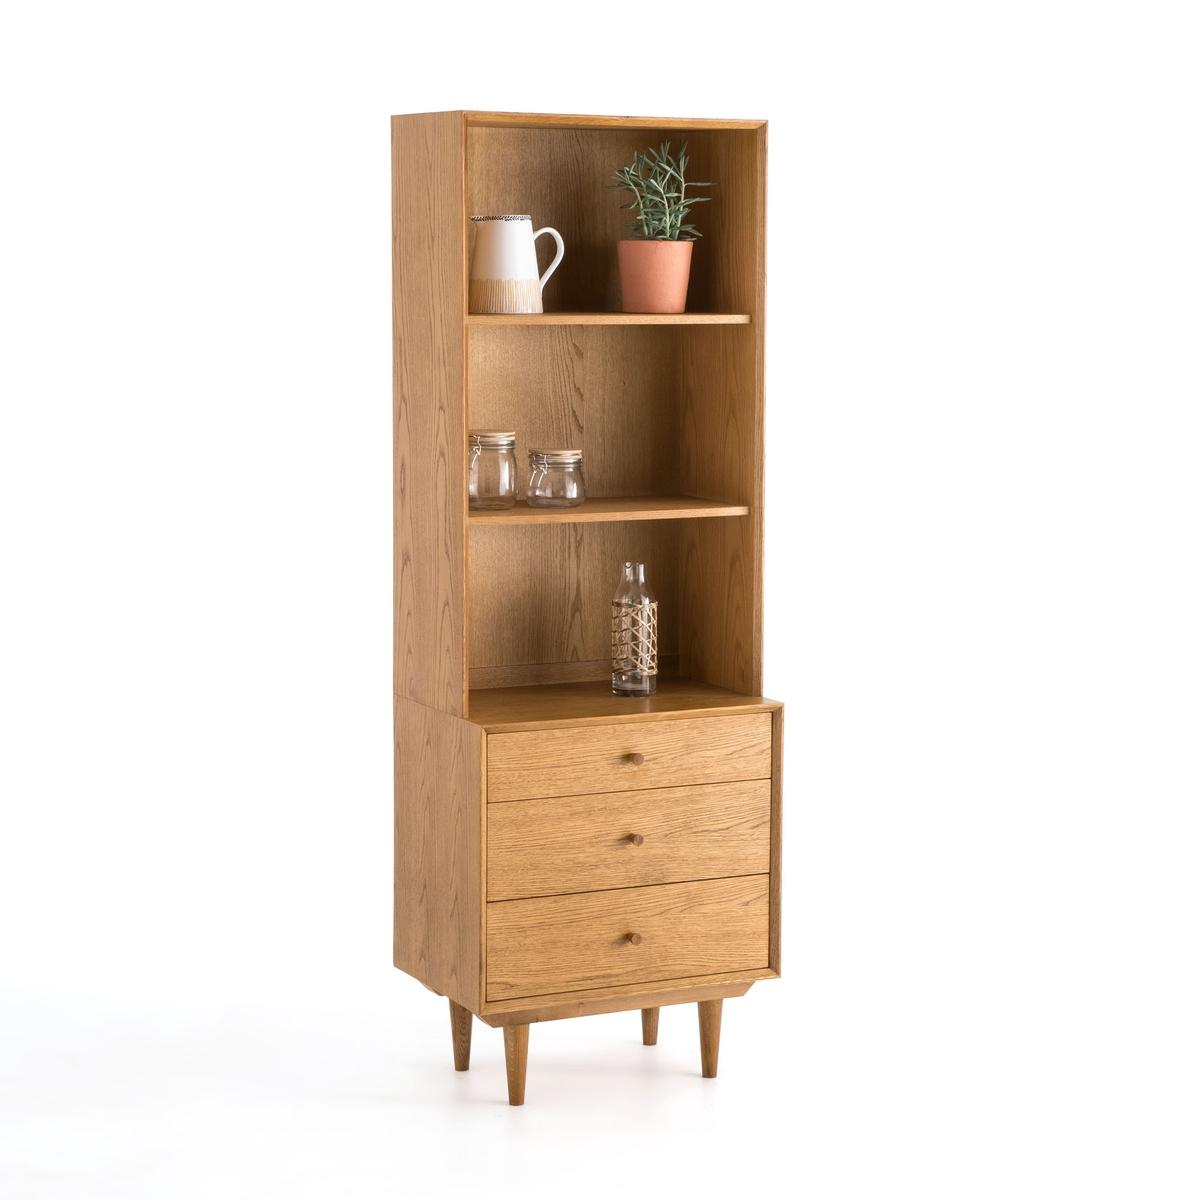 Шкаф LaRedoute Книжный в винтажном стиле из дерева с 4 нишами и 3 ящиками Quilda La Redoute Interieurs единый размер каштановый